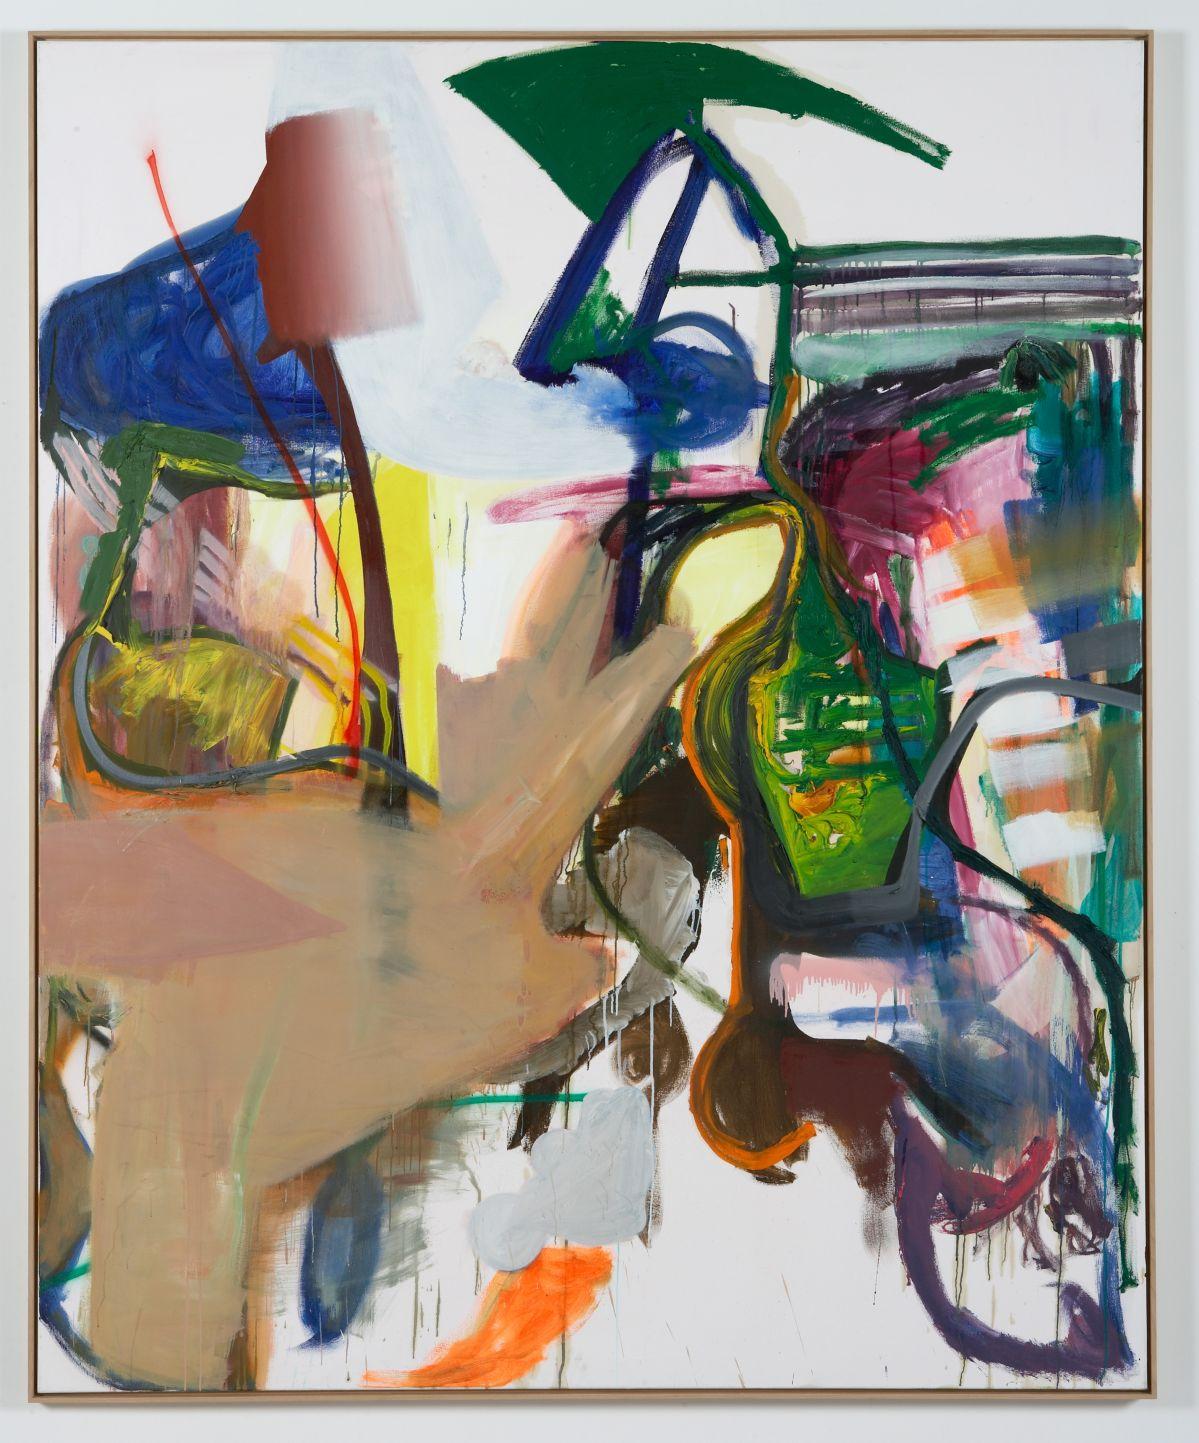 Albert Oehlen - 3 Amigos I, 2000-2006 - 00s. Collection Cranford - les années 2000 au MO.CO. Montpellier Huile sur toile. 280 x 230 cm. © Adagp, Paris, 2020